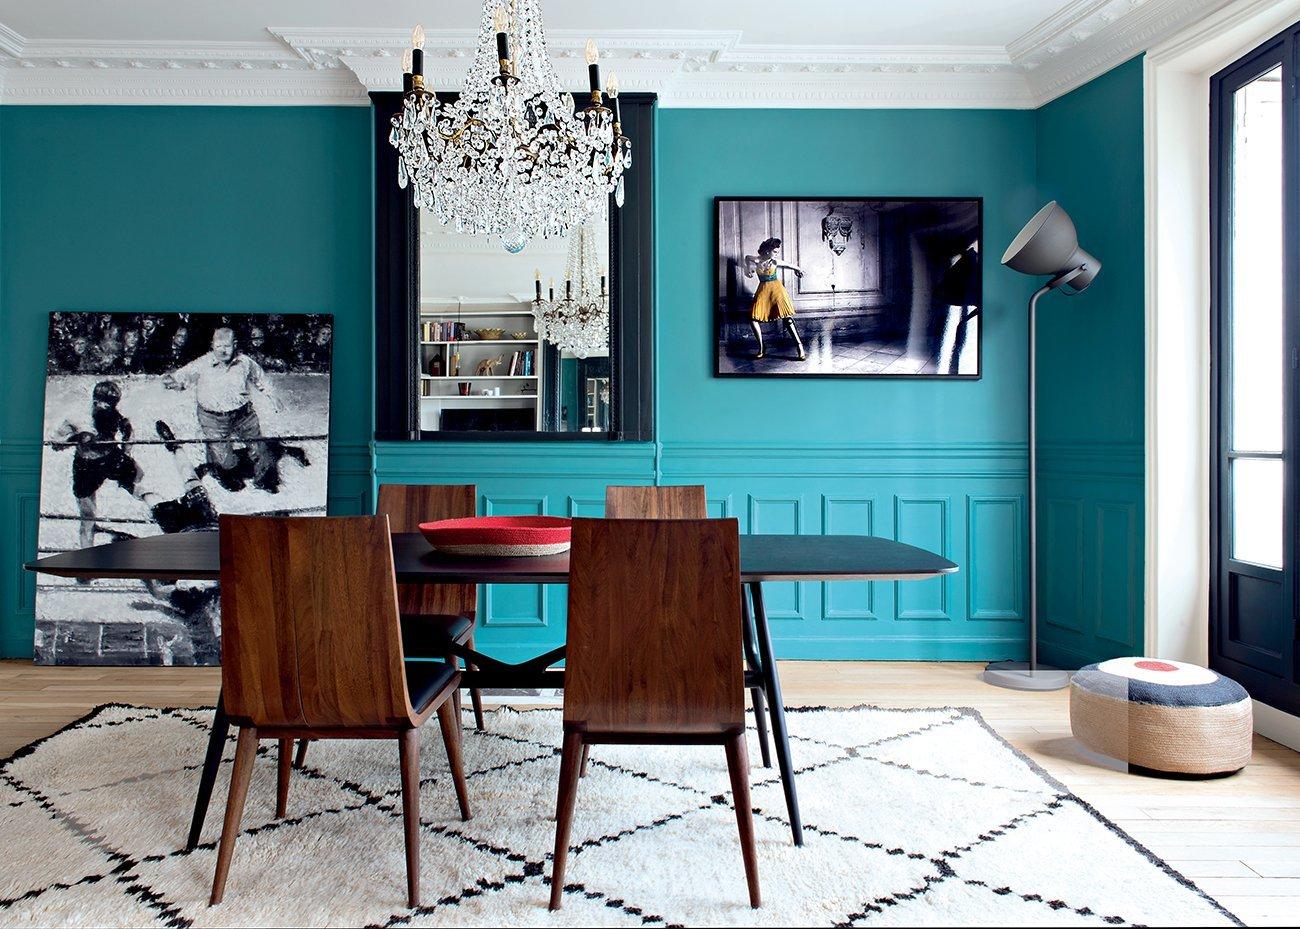 Salle à manger scandinave contemporain bohème bleu marron blanc noir camel gris bois métal parquet peinture miroir verre